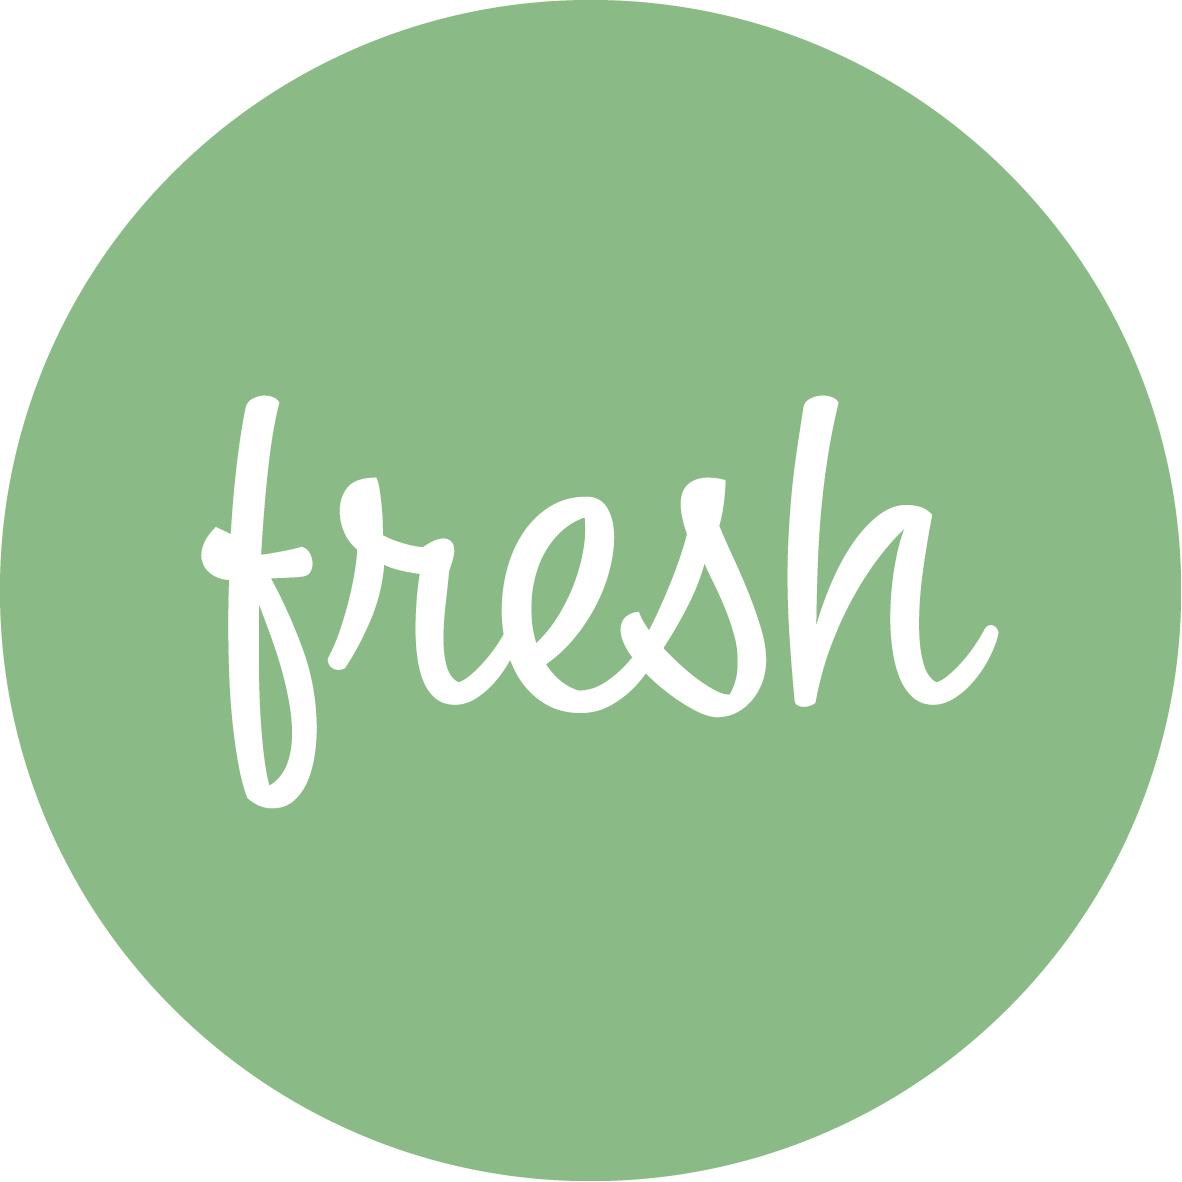 Zdeňkova nová kuchařka Fresh kuchyně